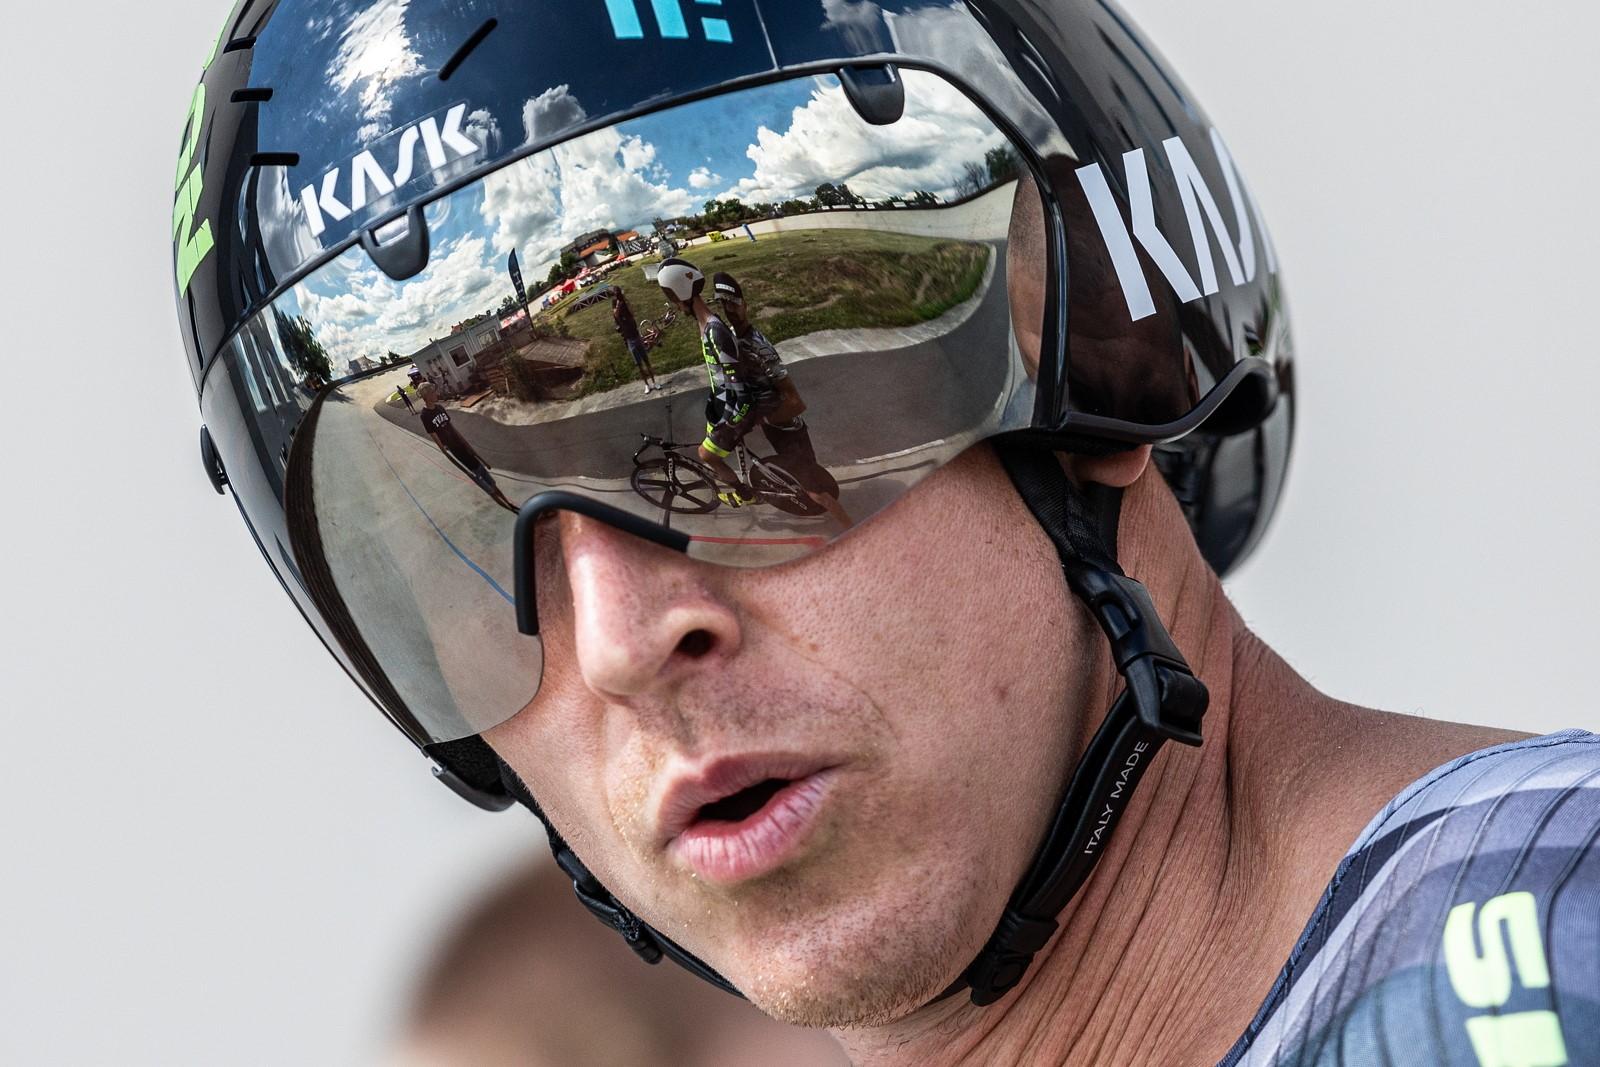 Tomáš Bábek, dráhový cyklista, který by mohl ukončit čekání české dráhové cyklistiky na olympijskou medaili. Foto: Michal Červený